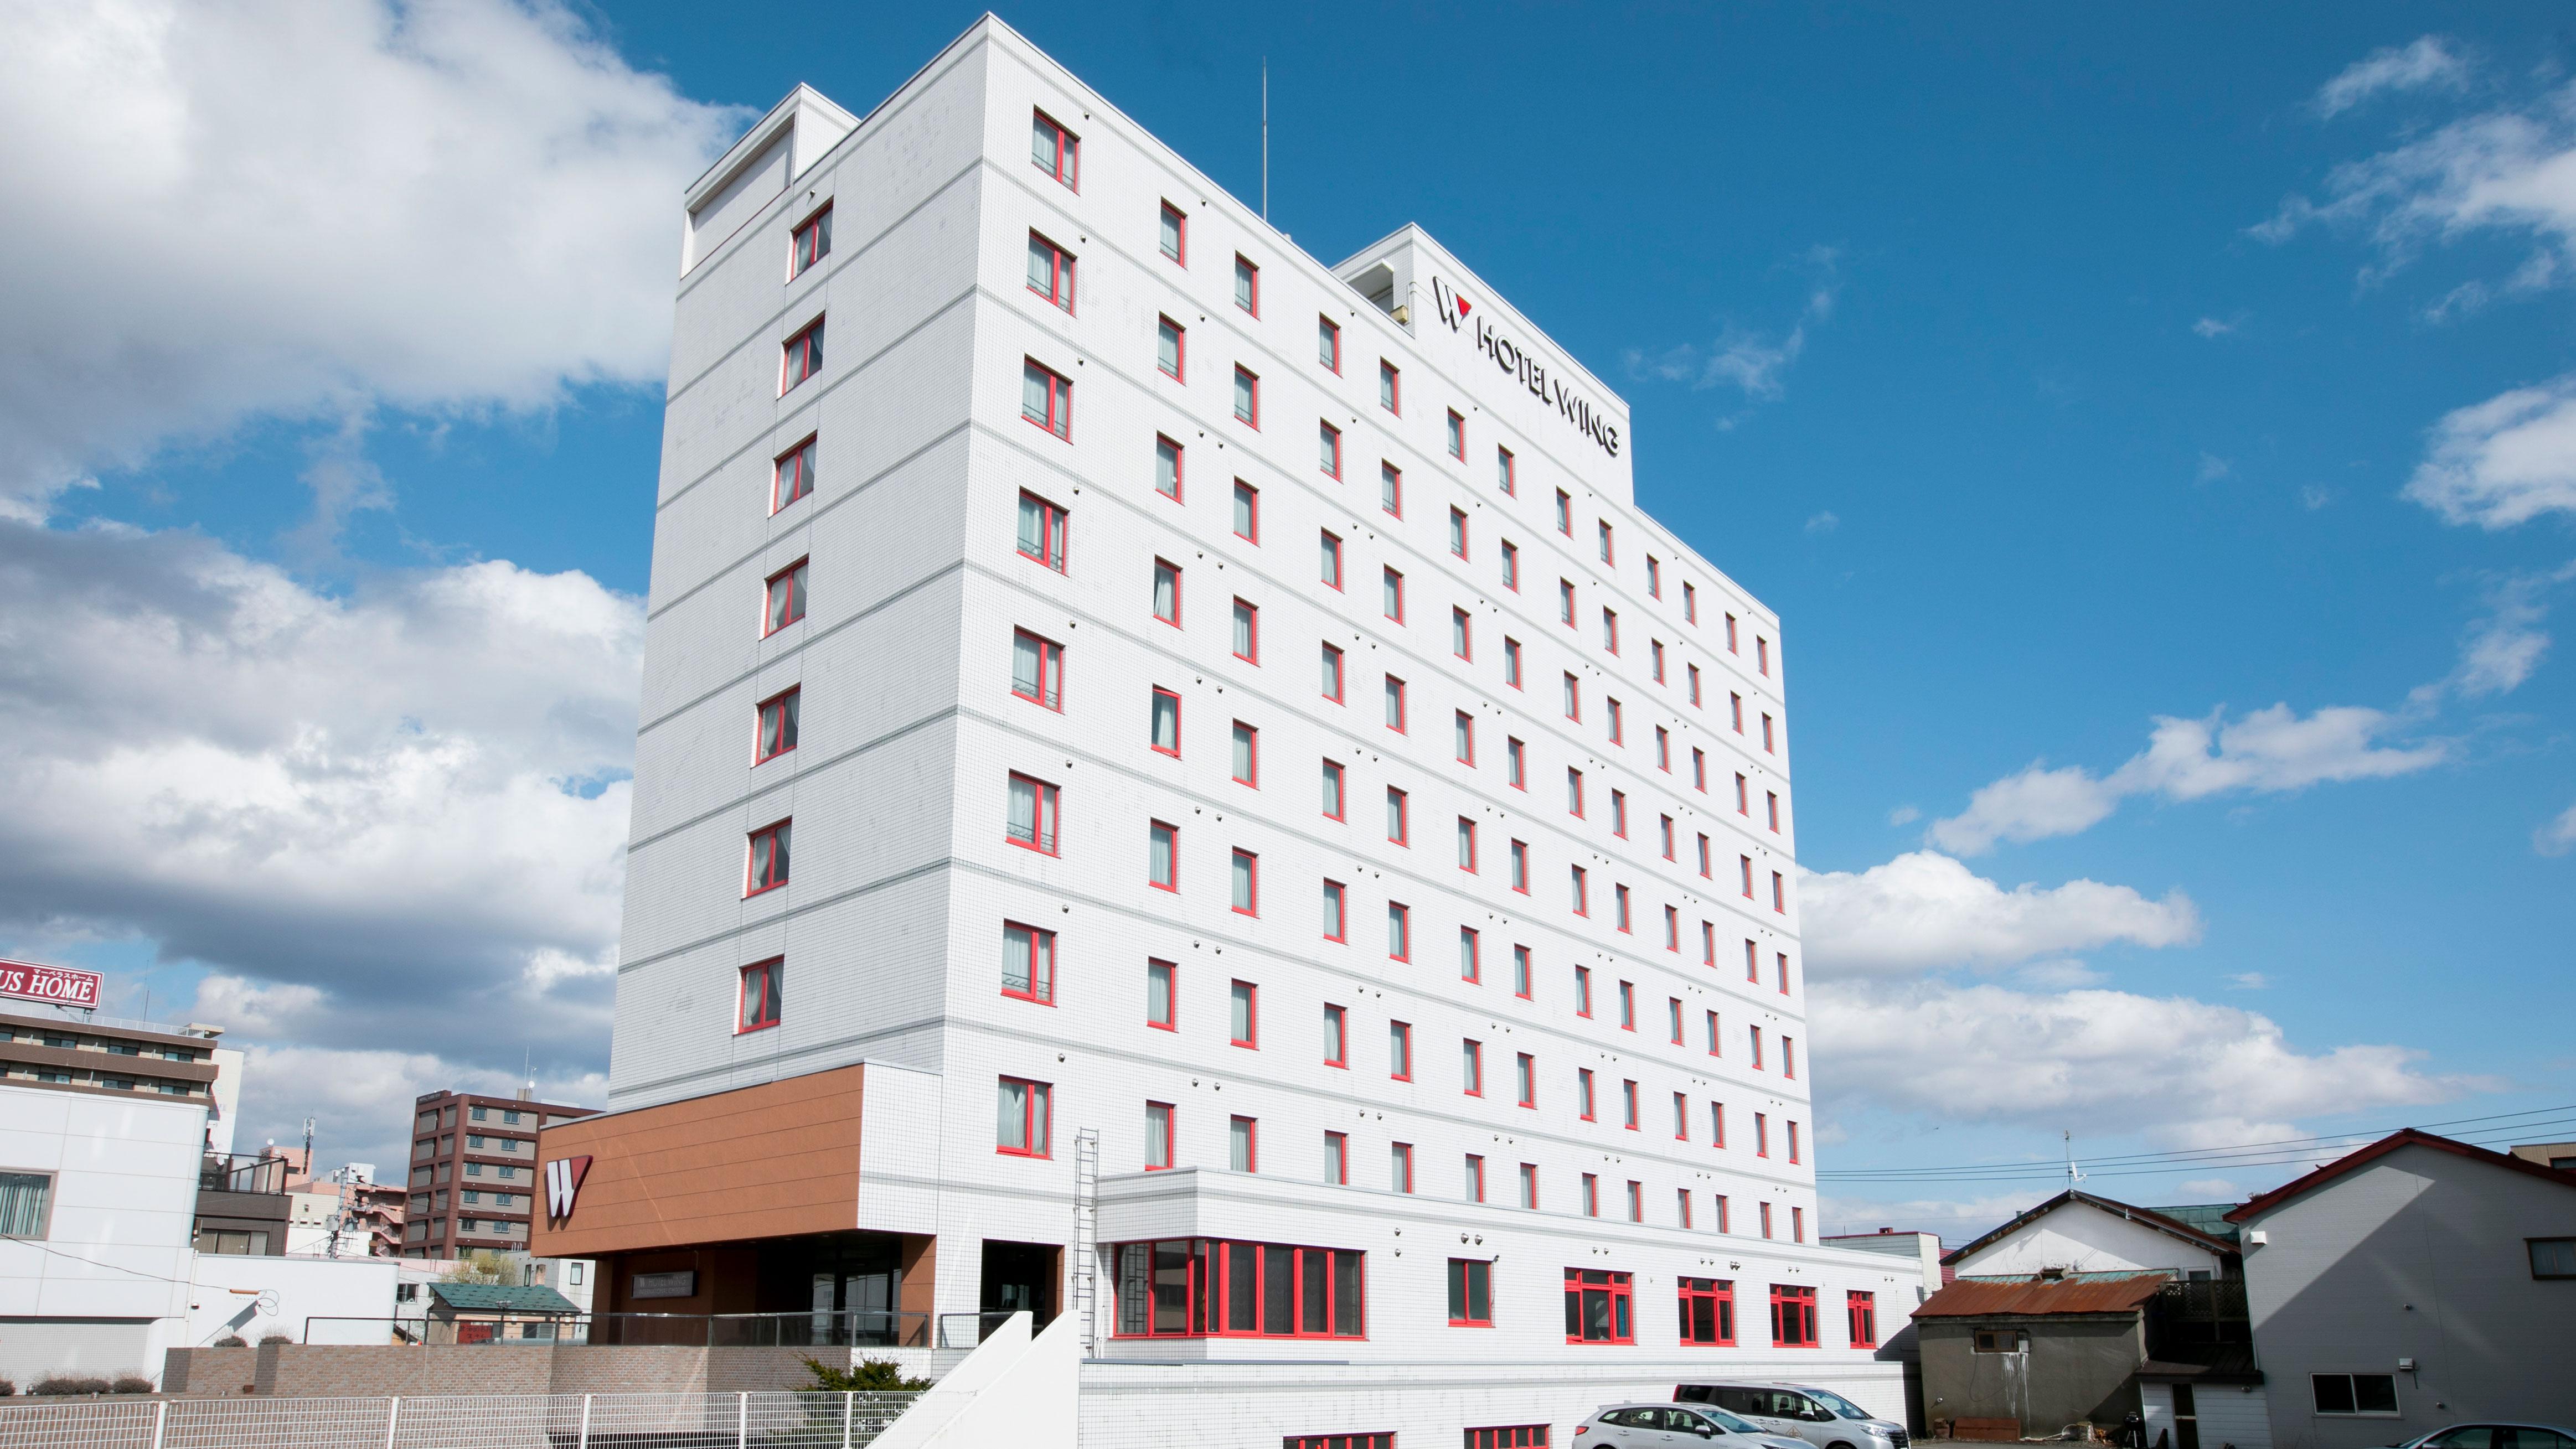 ホテル ウィング インターナショナル 千歳◆楽天トラベル